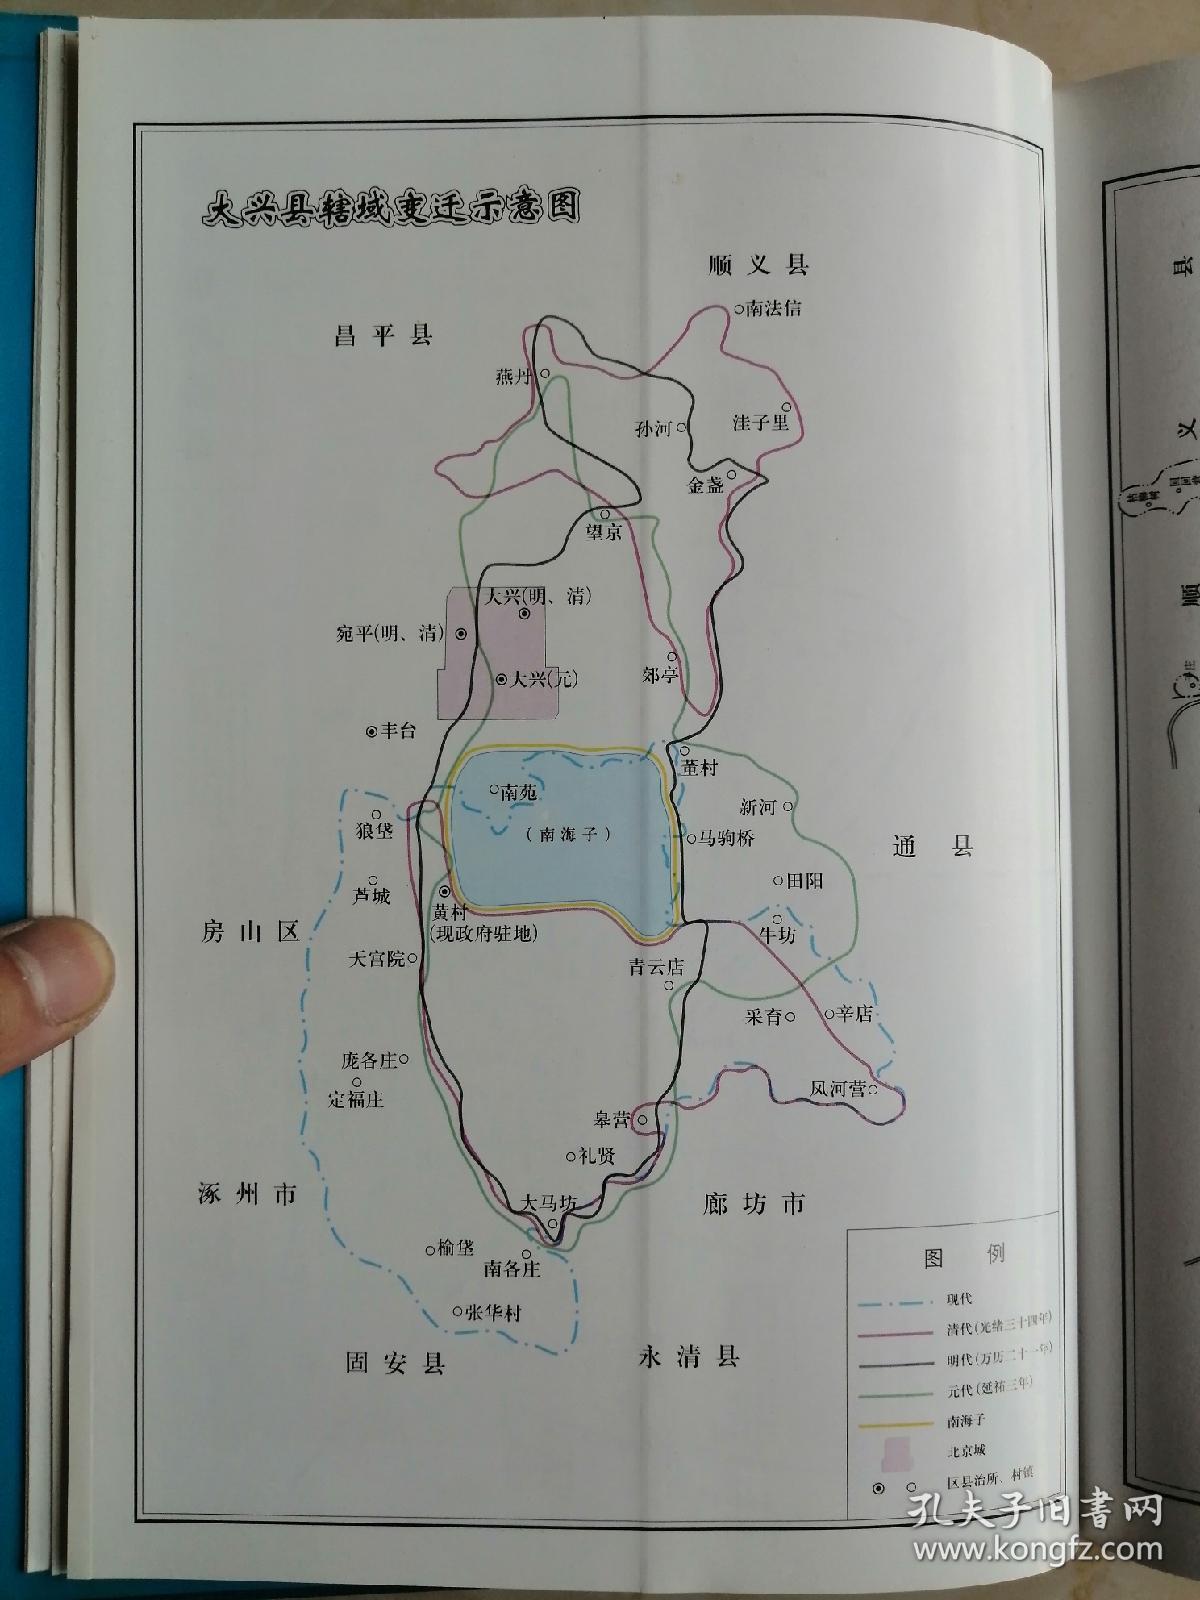 栖霞县志人口迁移示意图_栖霞金矿示意图